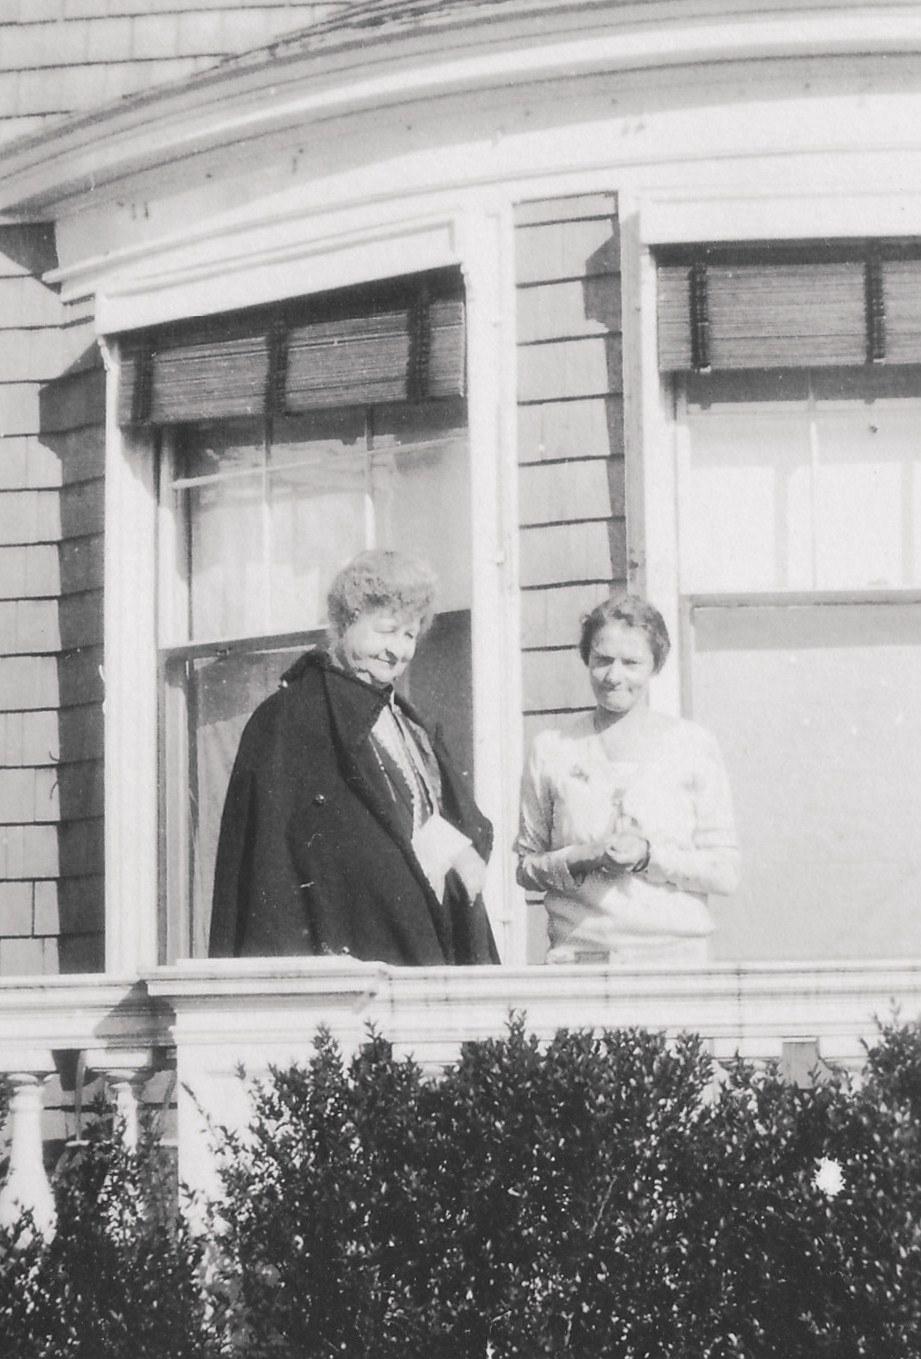 1928. Мисс Дженнингс с Анастасией в Нью-Йорке